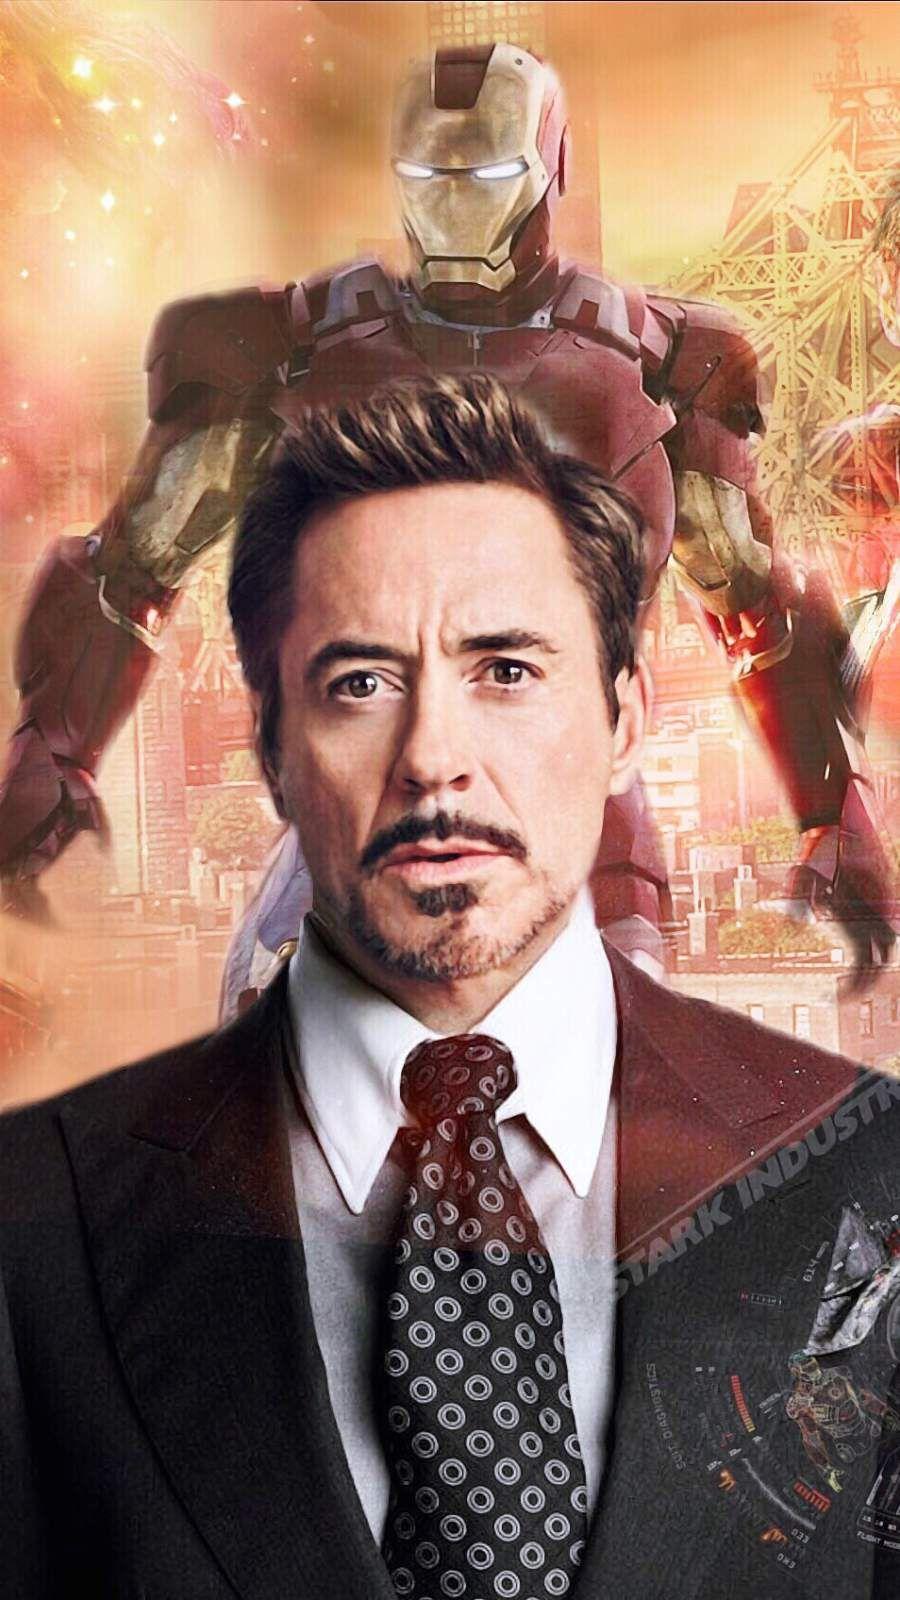 The Tony Stark Iron Man Iphone Wallpaper Tony Stark Iron Man Wallpaper Iron Man